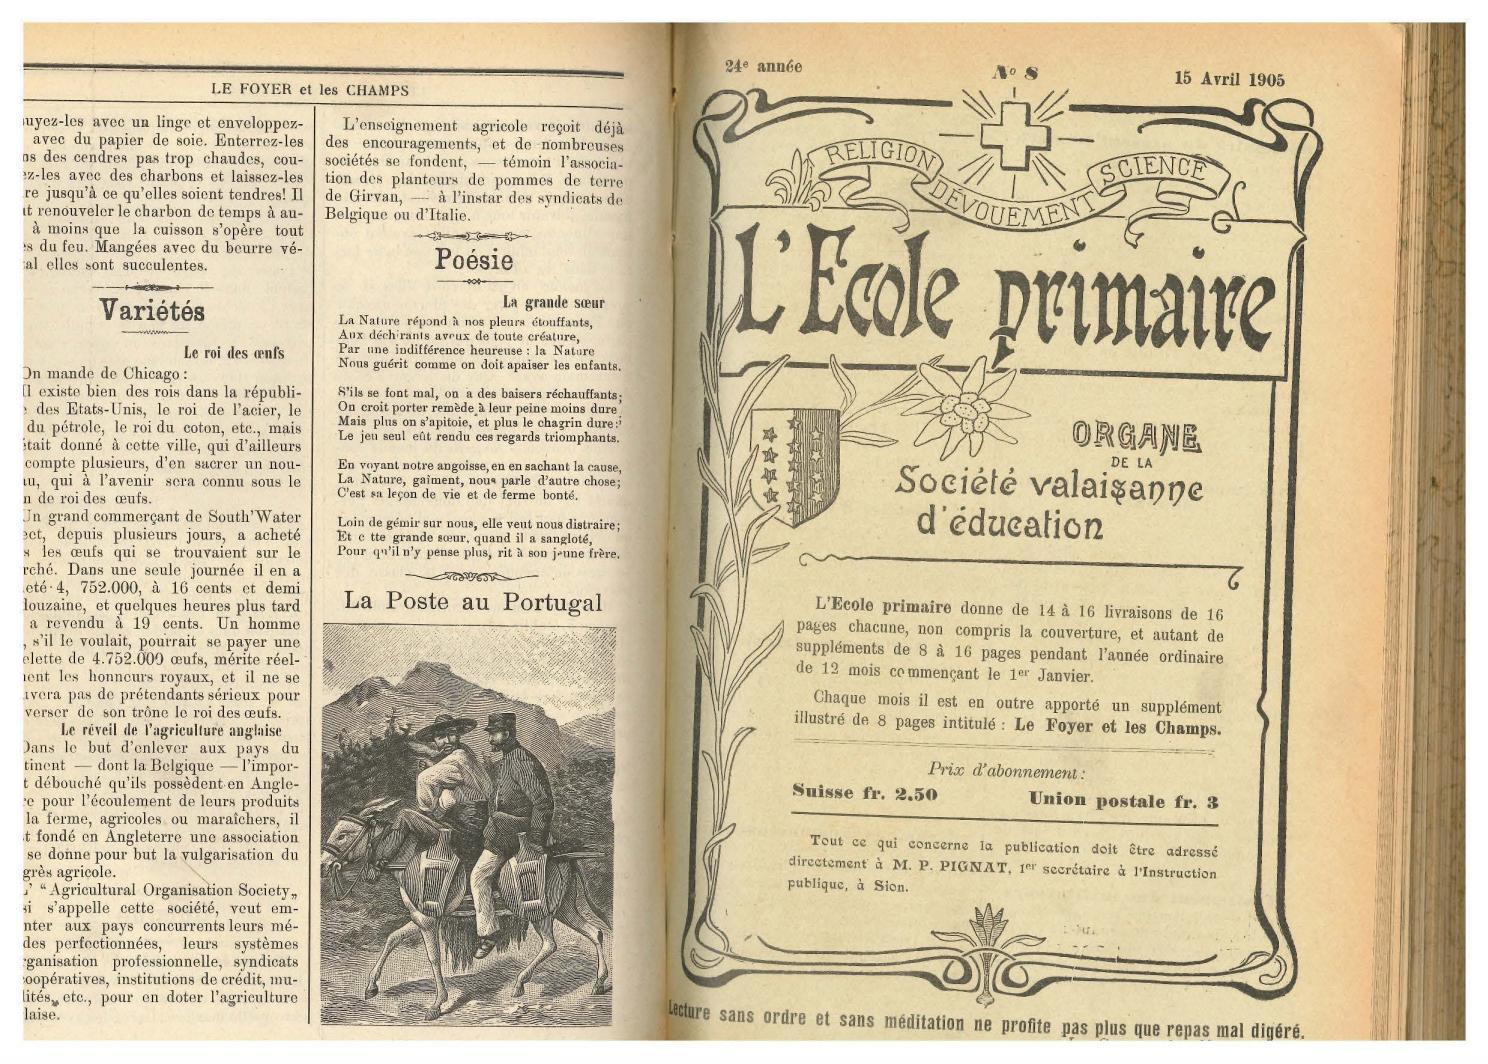 RésonancesMensuel 08 Avril 1905 L'ecole No Primaire15 By PkXwn8O0